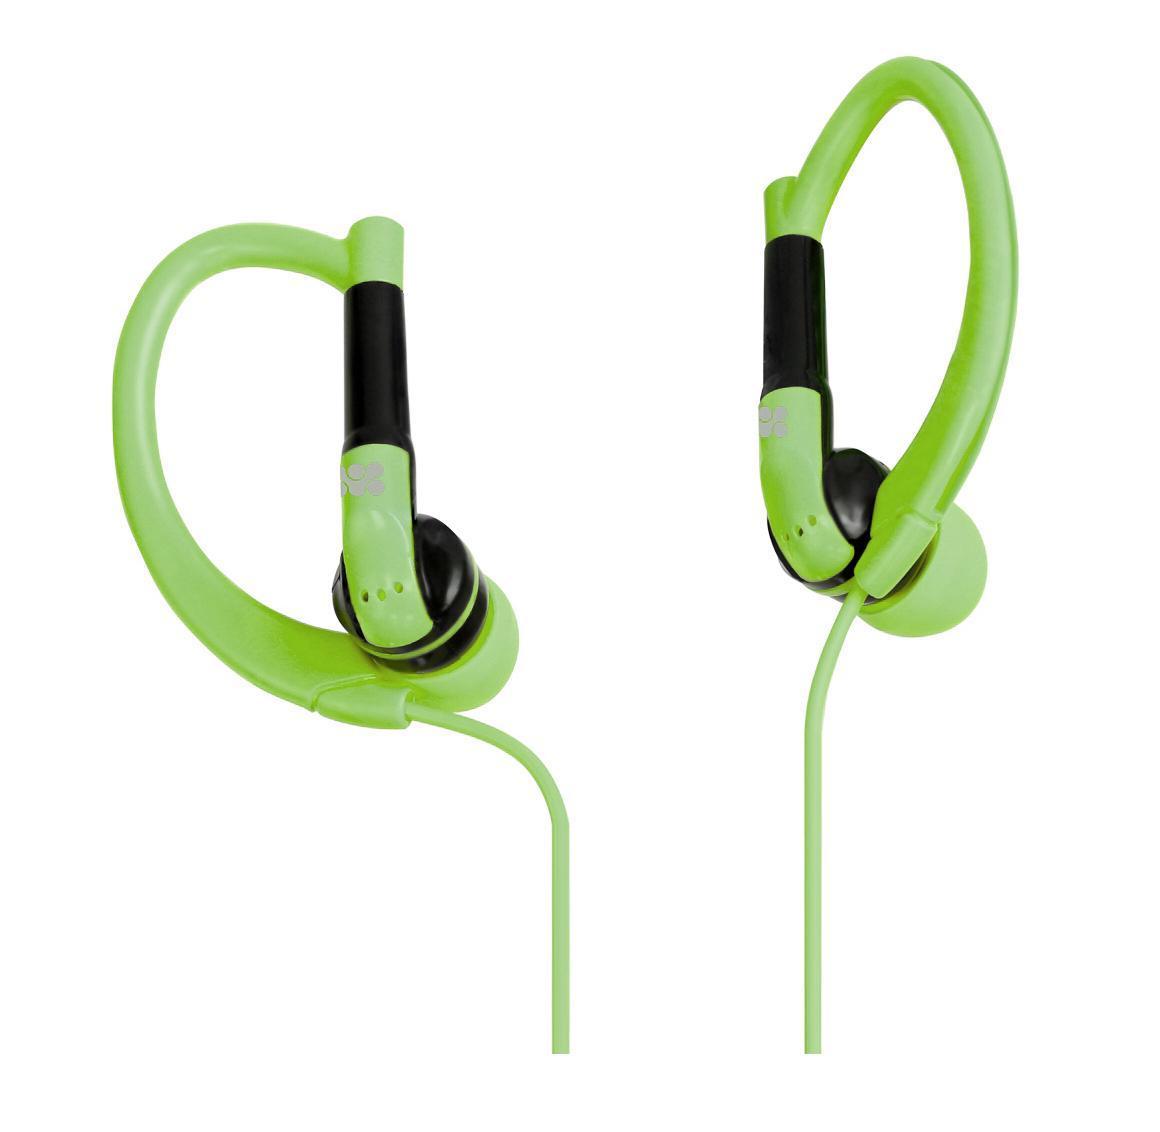 Promate Gaudy, Green наушники00007443Подсоедините свой смартфон абсолютно новым образом с новыми наушникамиGaudy. Эти наушники специально разработаны для людей, ведущих активный образ жизни. Маленькие, но мощные - динамики дают чистый и полный звук. Четыре фута (1,2 метра) провода, встроенный микрофон и универсальная кнопка управления вызовами, а также совместимость со всеми аудио устройствами, имеющими аудио выход 3,5 мм-делают его незаменимым помощникомна каждый день!